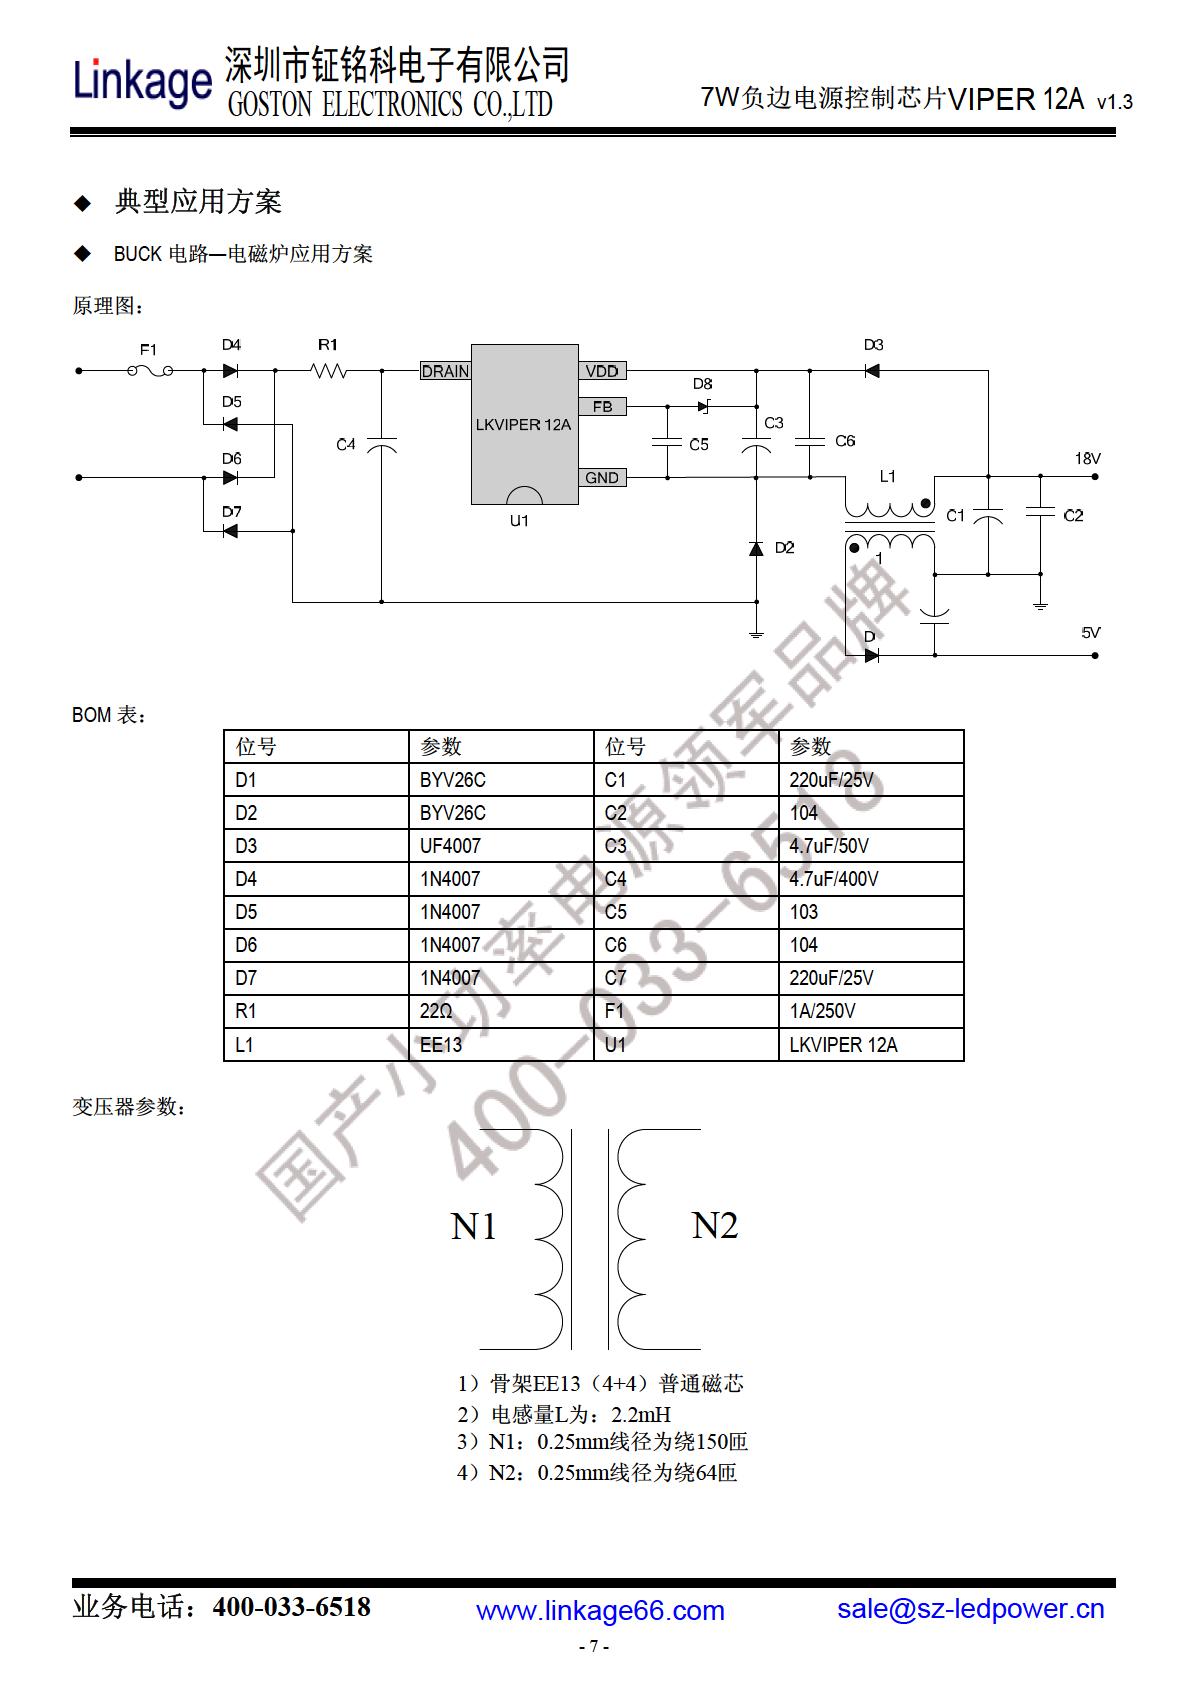 钲铭科供应7w电源芯片viper12a-dip8,sop8方案